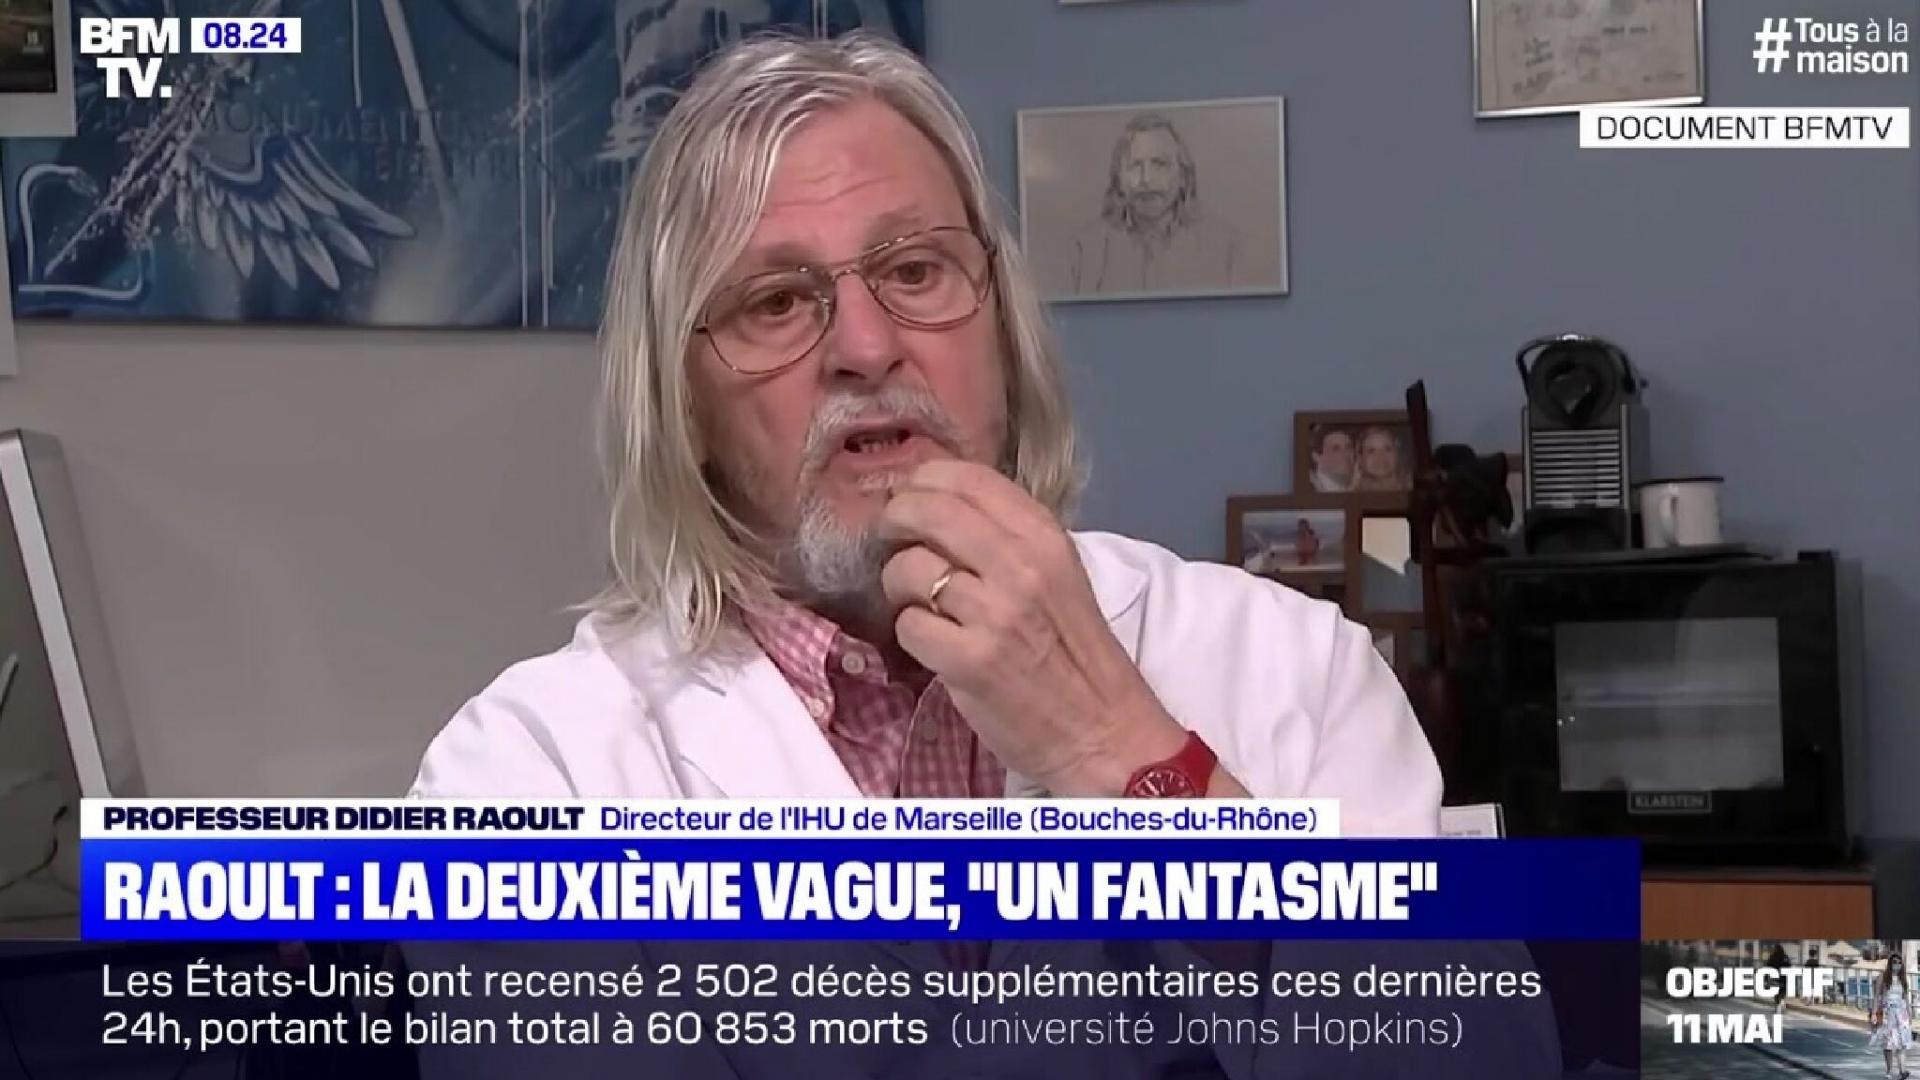 Didier raoult les internautes choques par son absence de gestes barrieres sur bfm tv